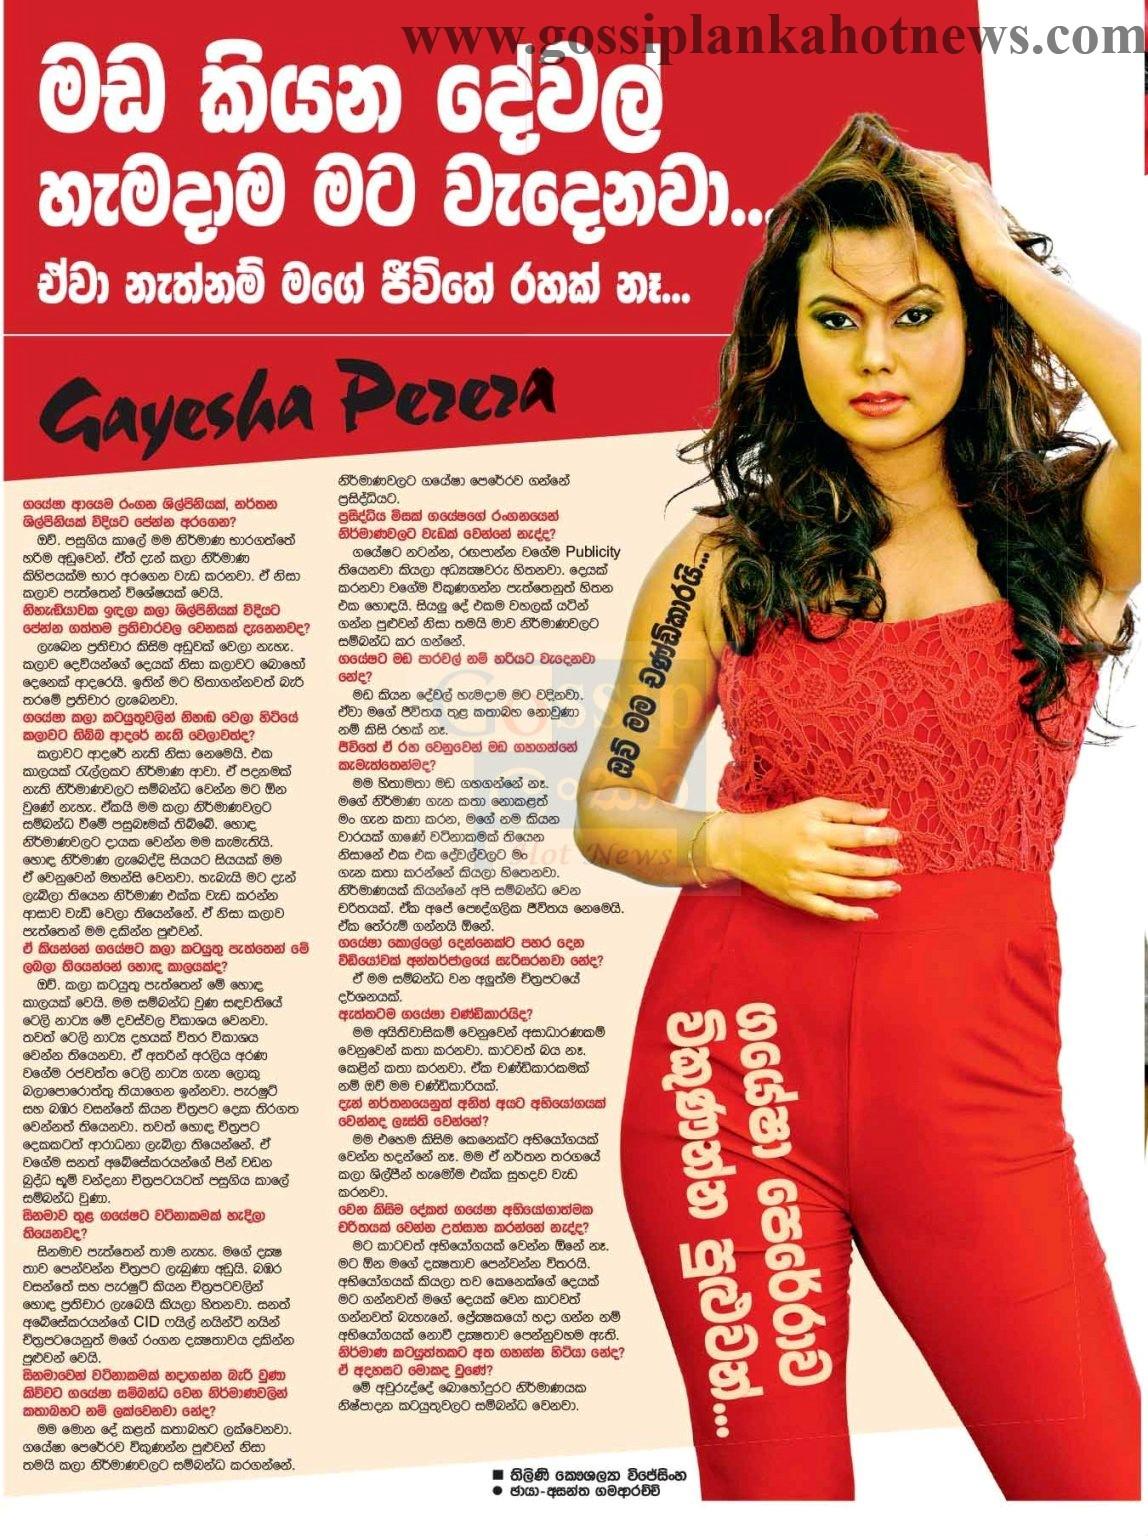 Gayesha Perera Gossip Lanka